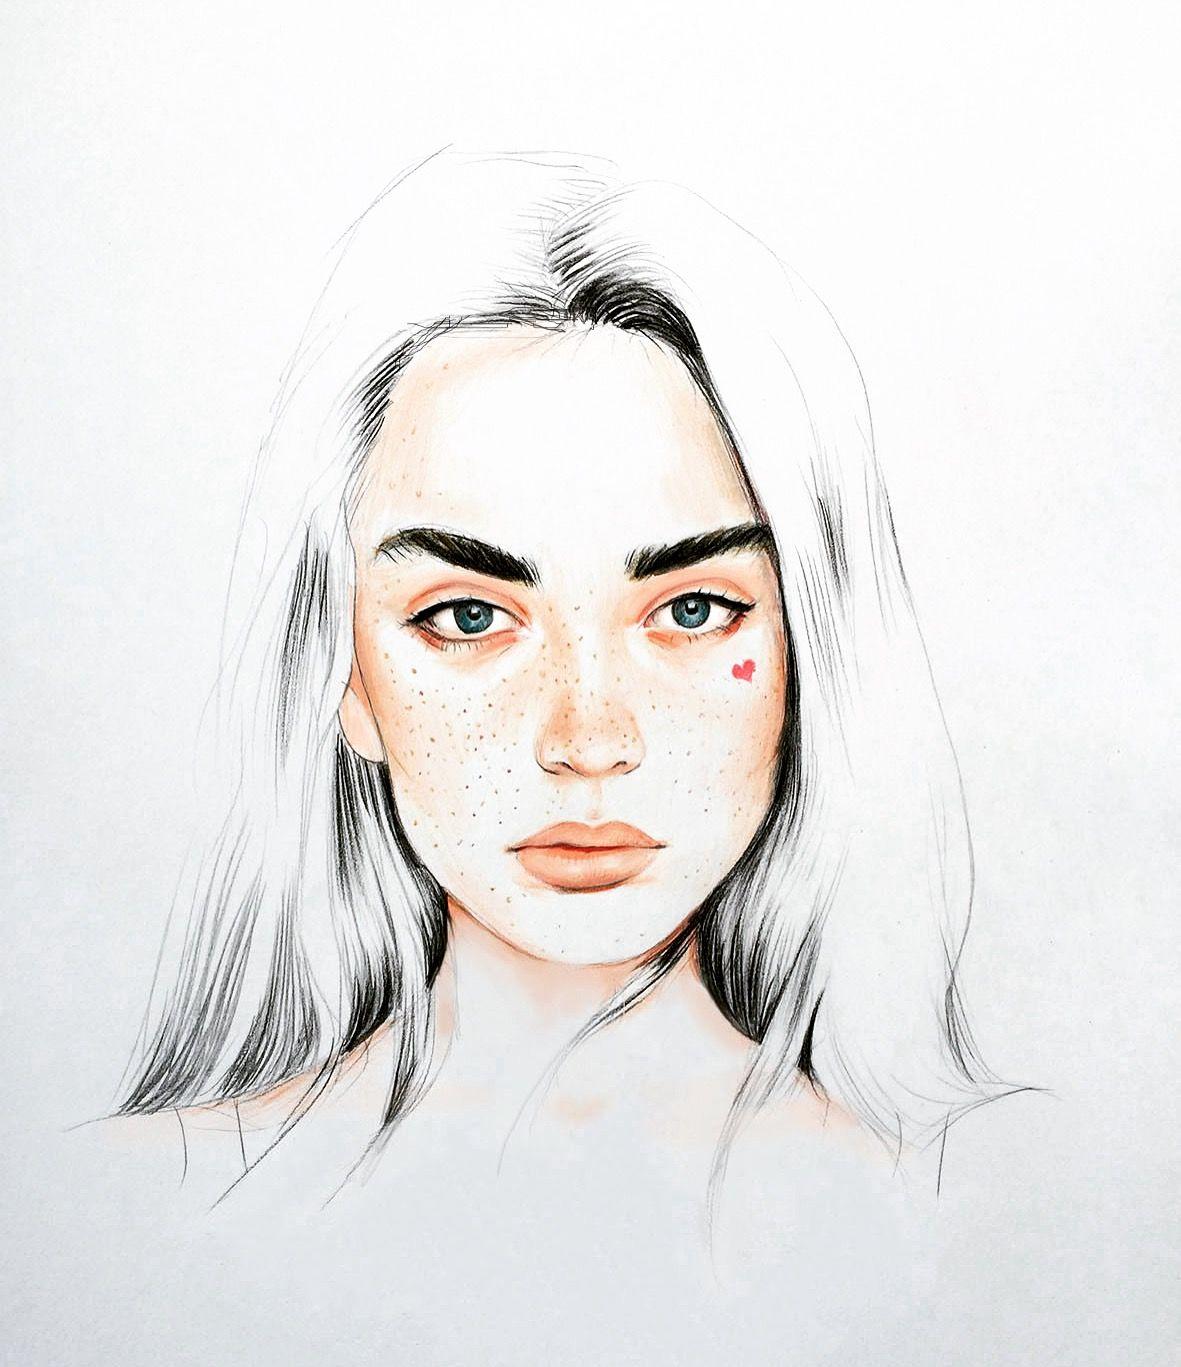 Art, Art Drawings, Drawings